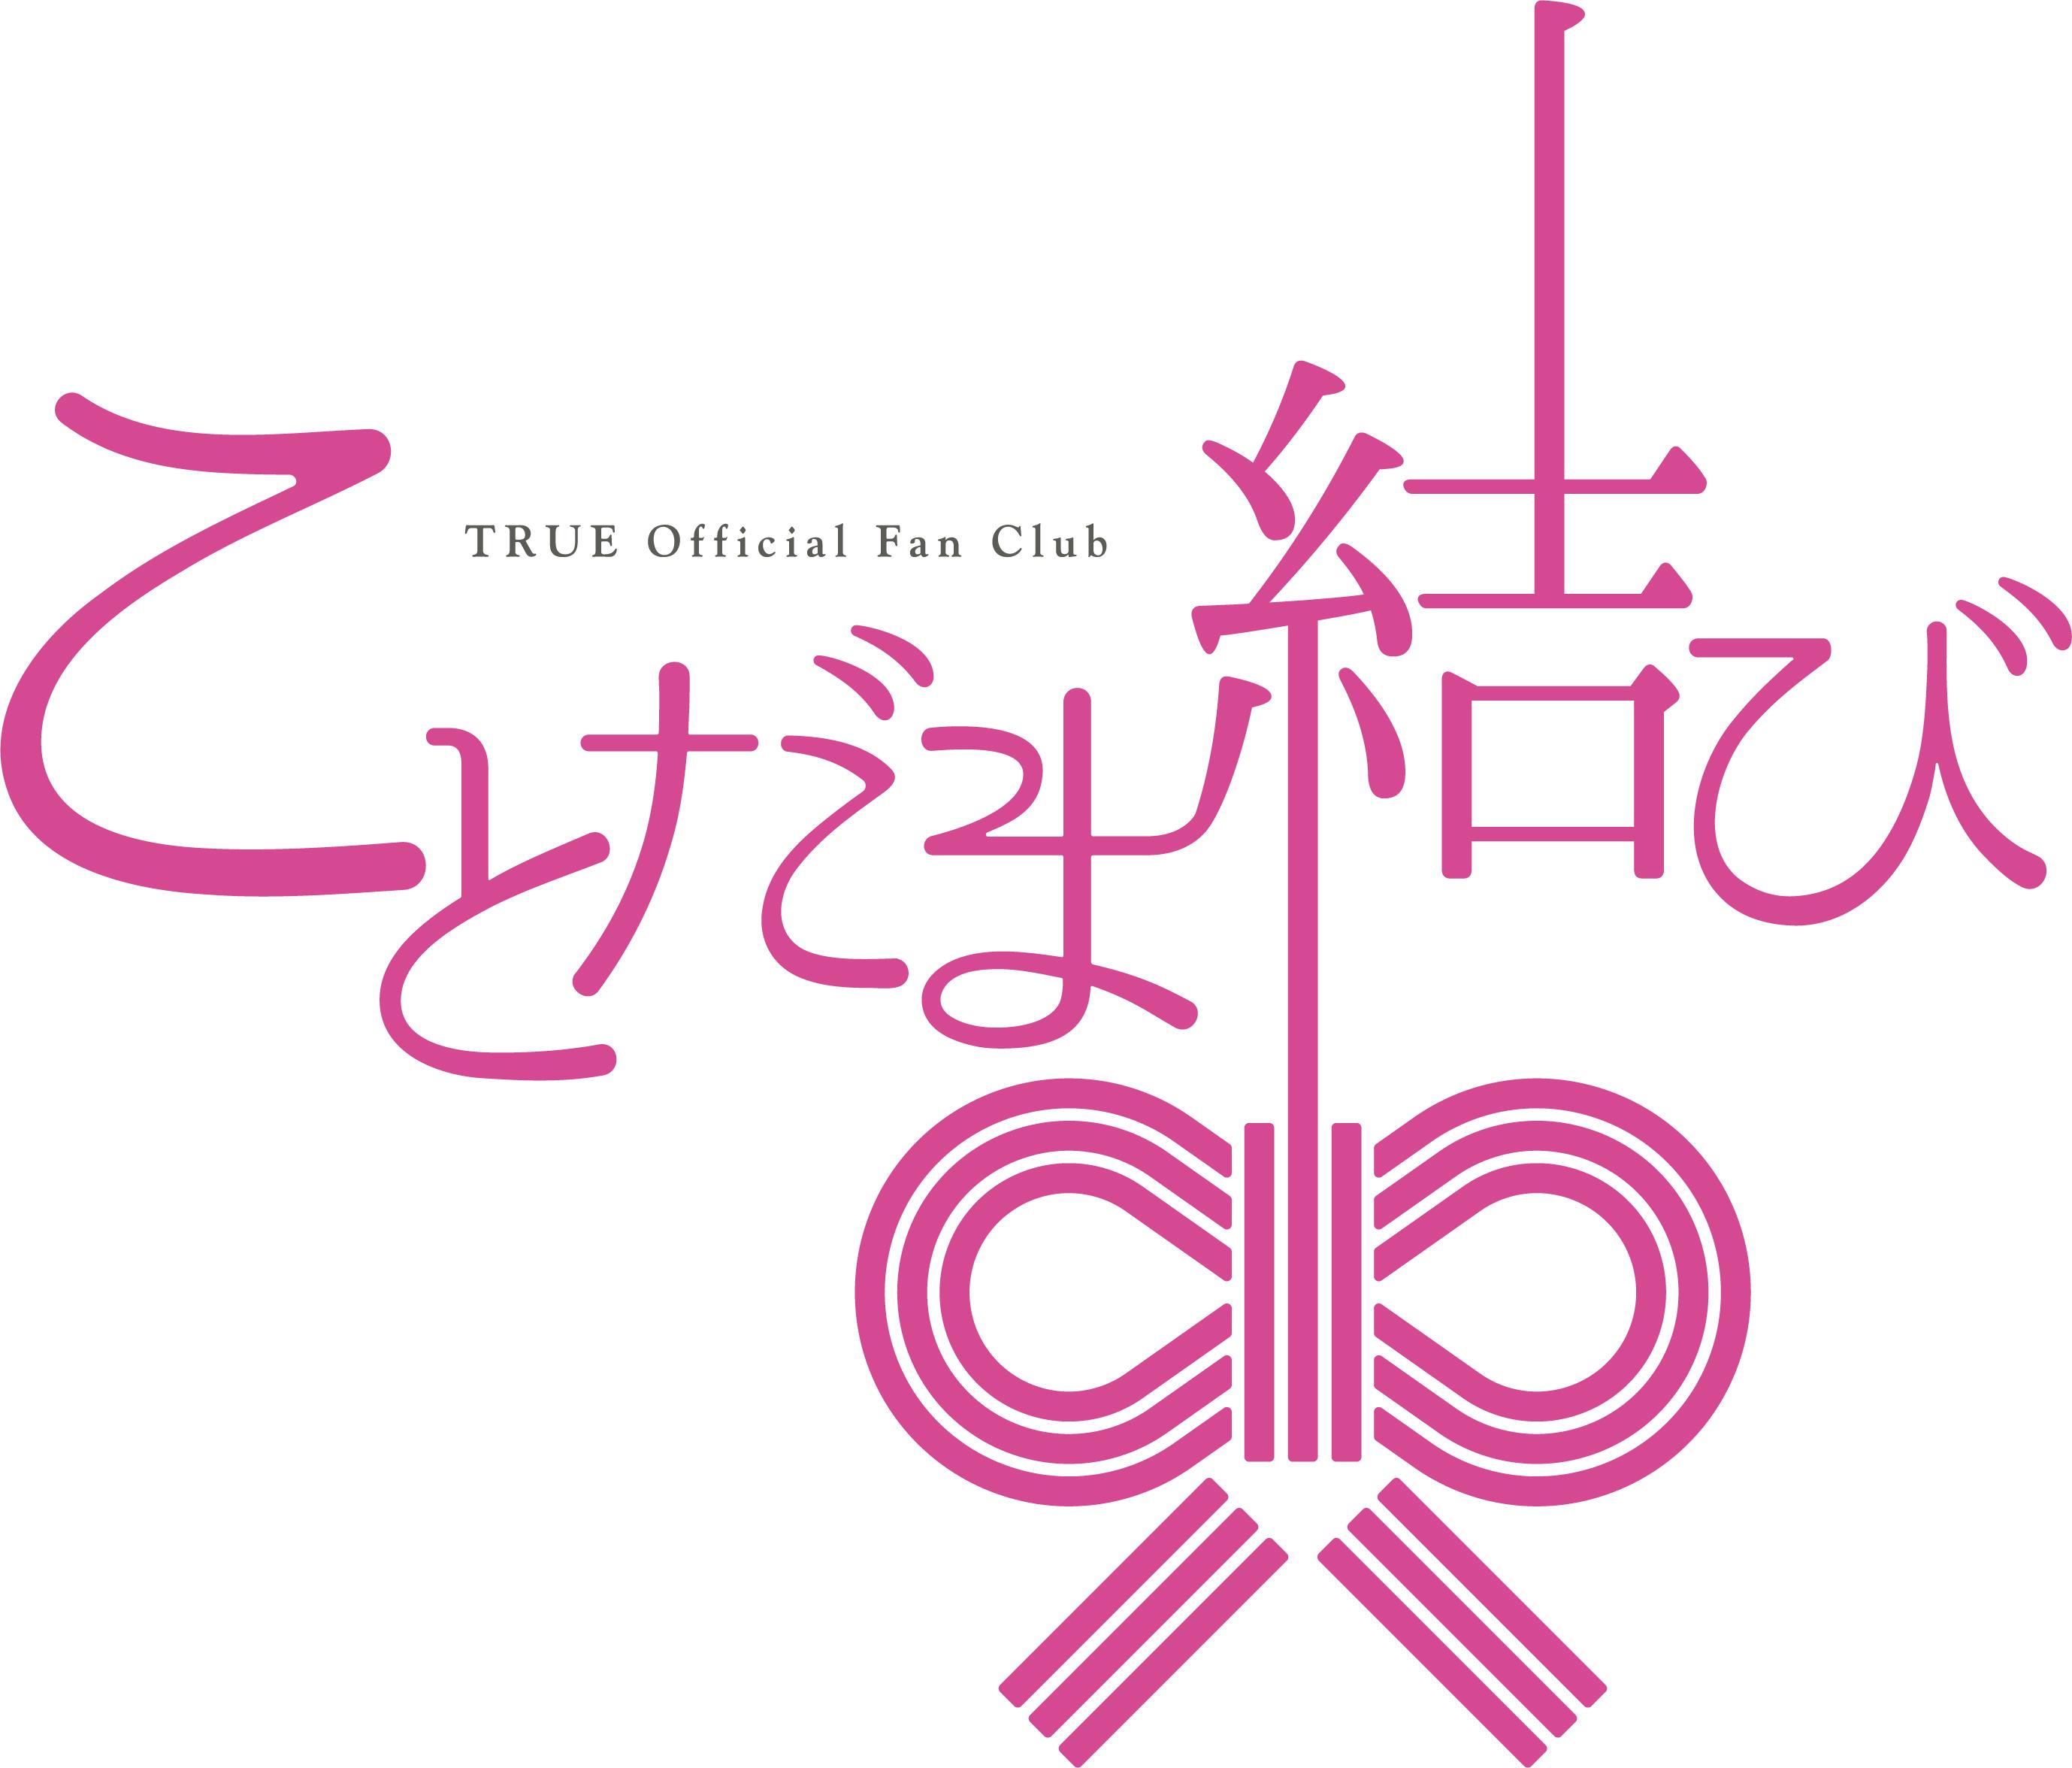 TRUE Official Fan Club「ことだま結び」ロゴ